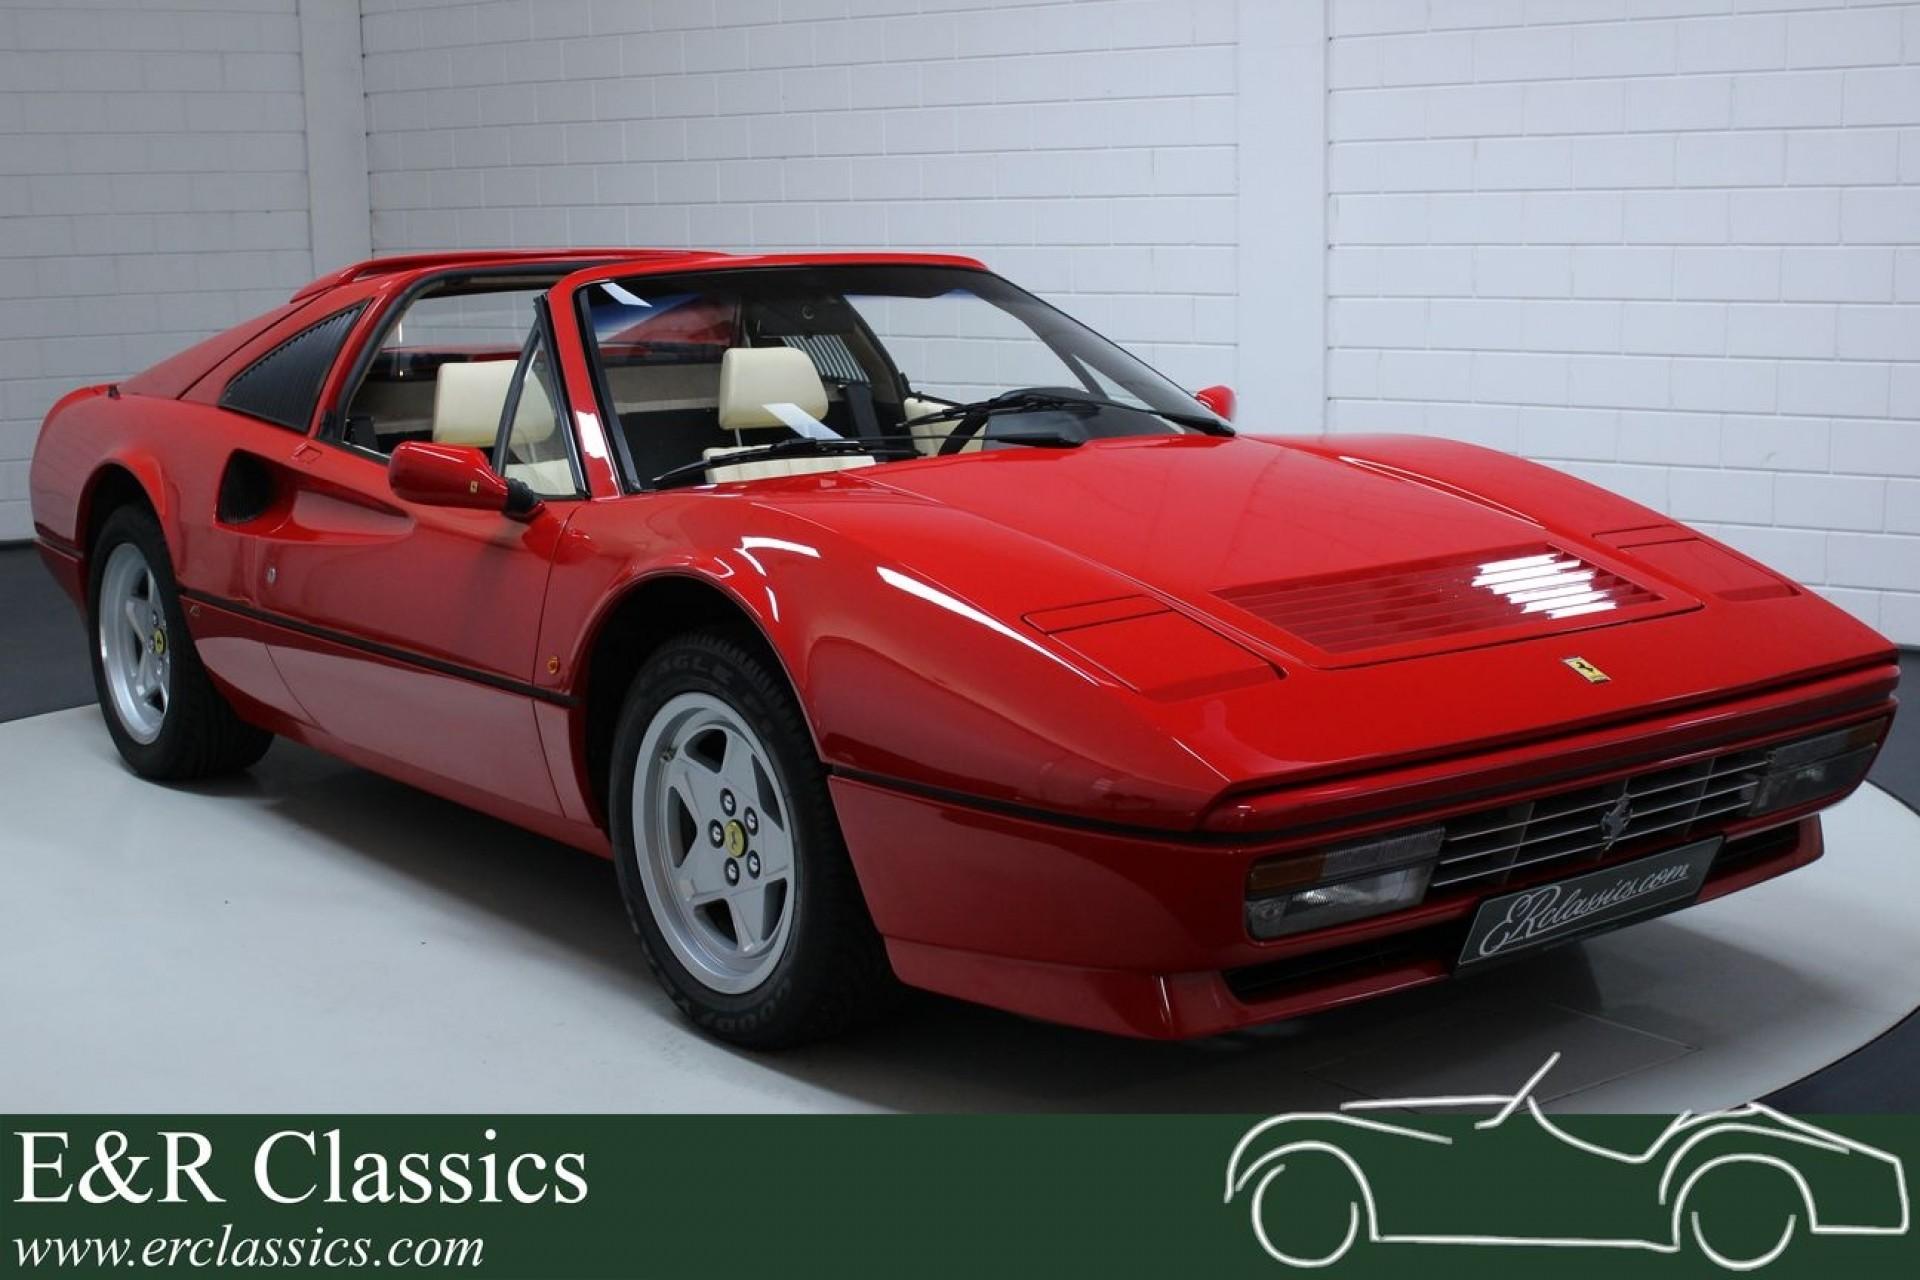 Ferrari 328 Gts 1988 43577 Nachweislich Zum Kauf Bei Erclassics